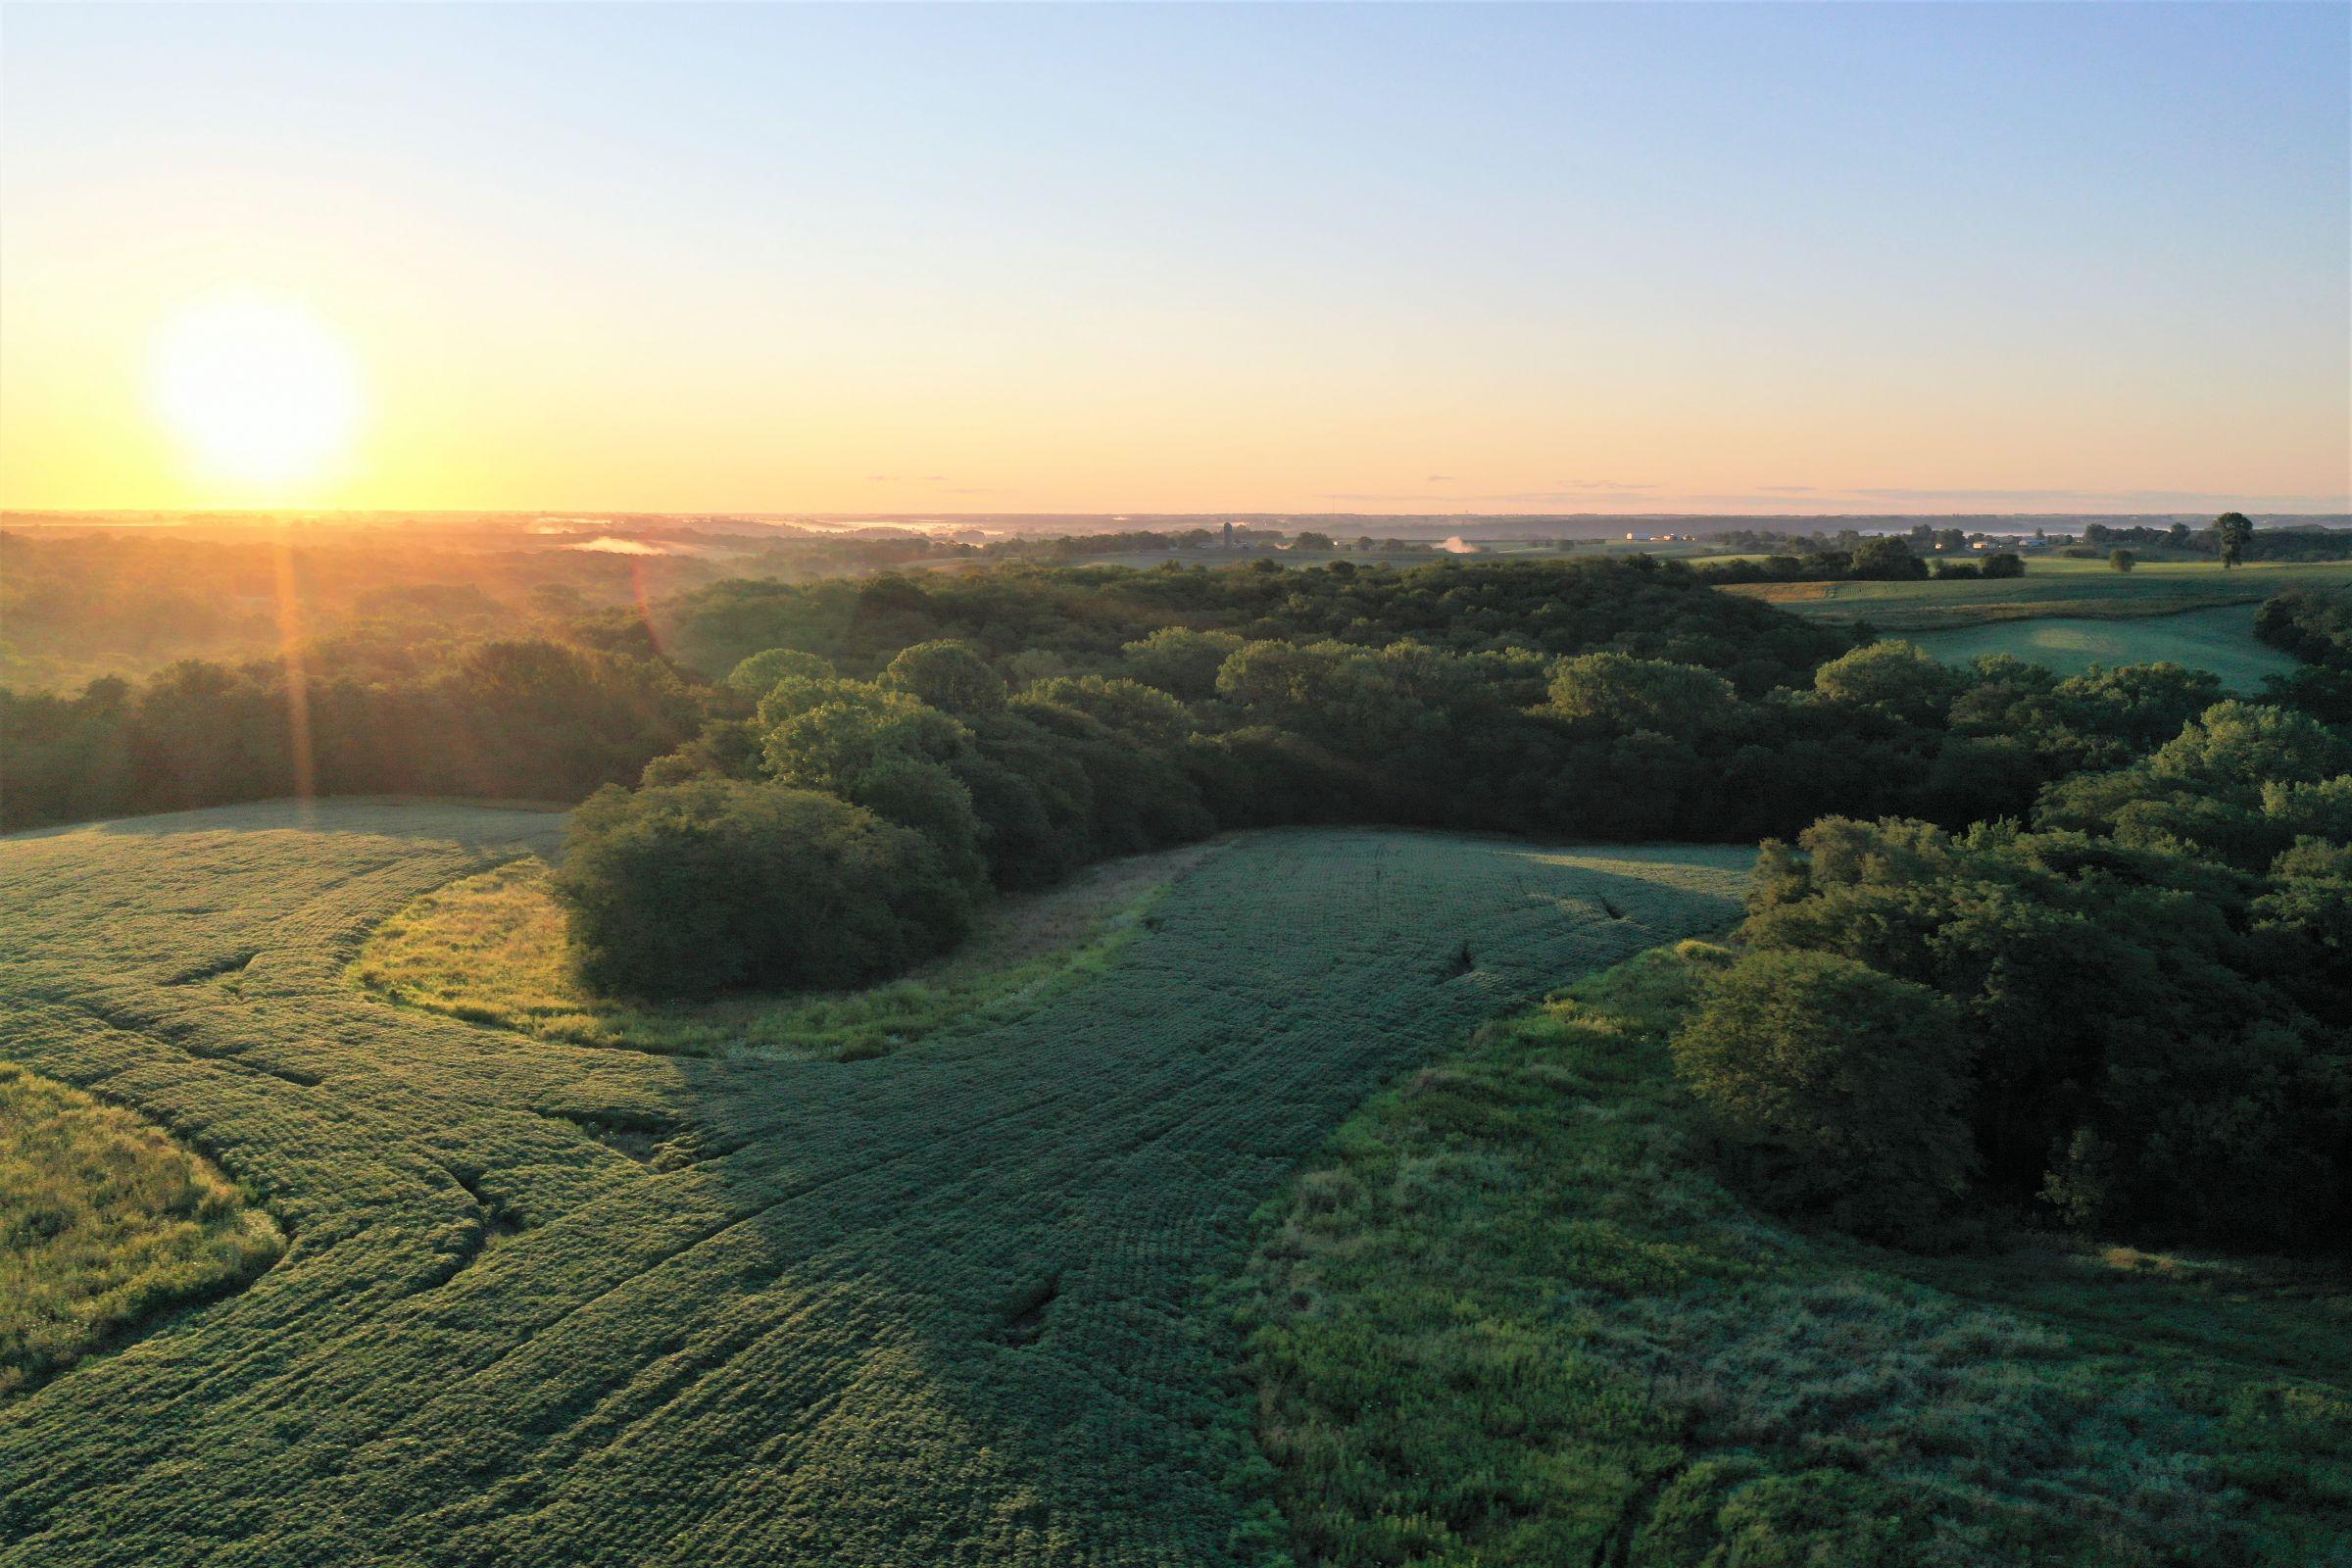 warren-county-iowa-40-acres-listing-number-15145-4-2020-08-28-144300.jpg